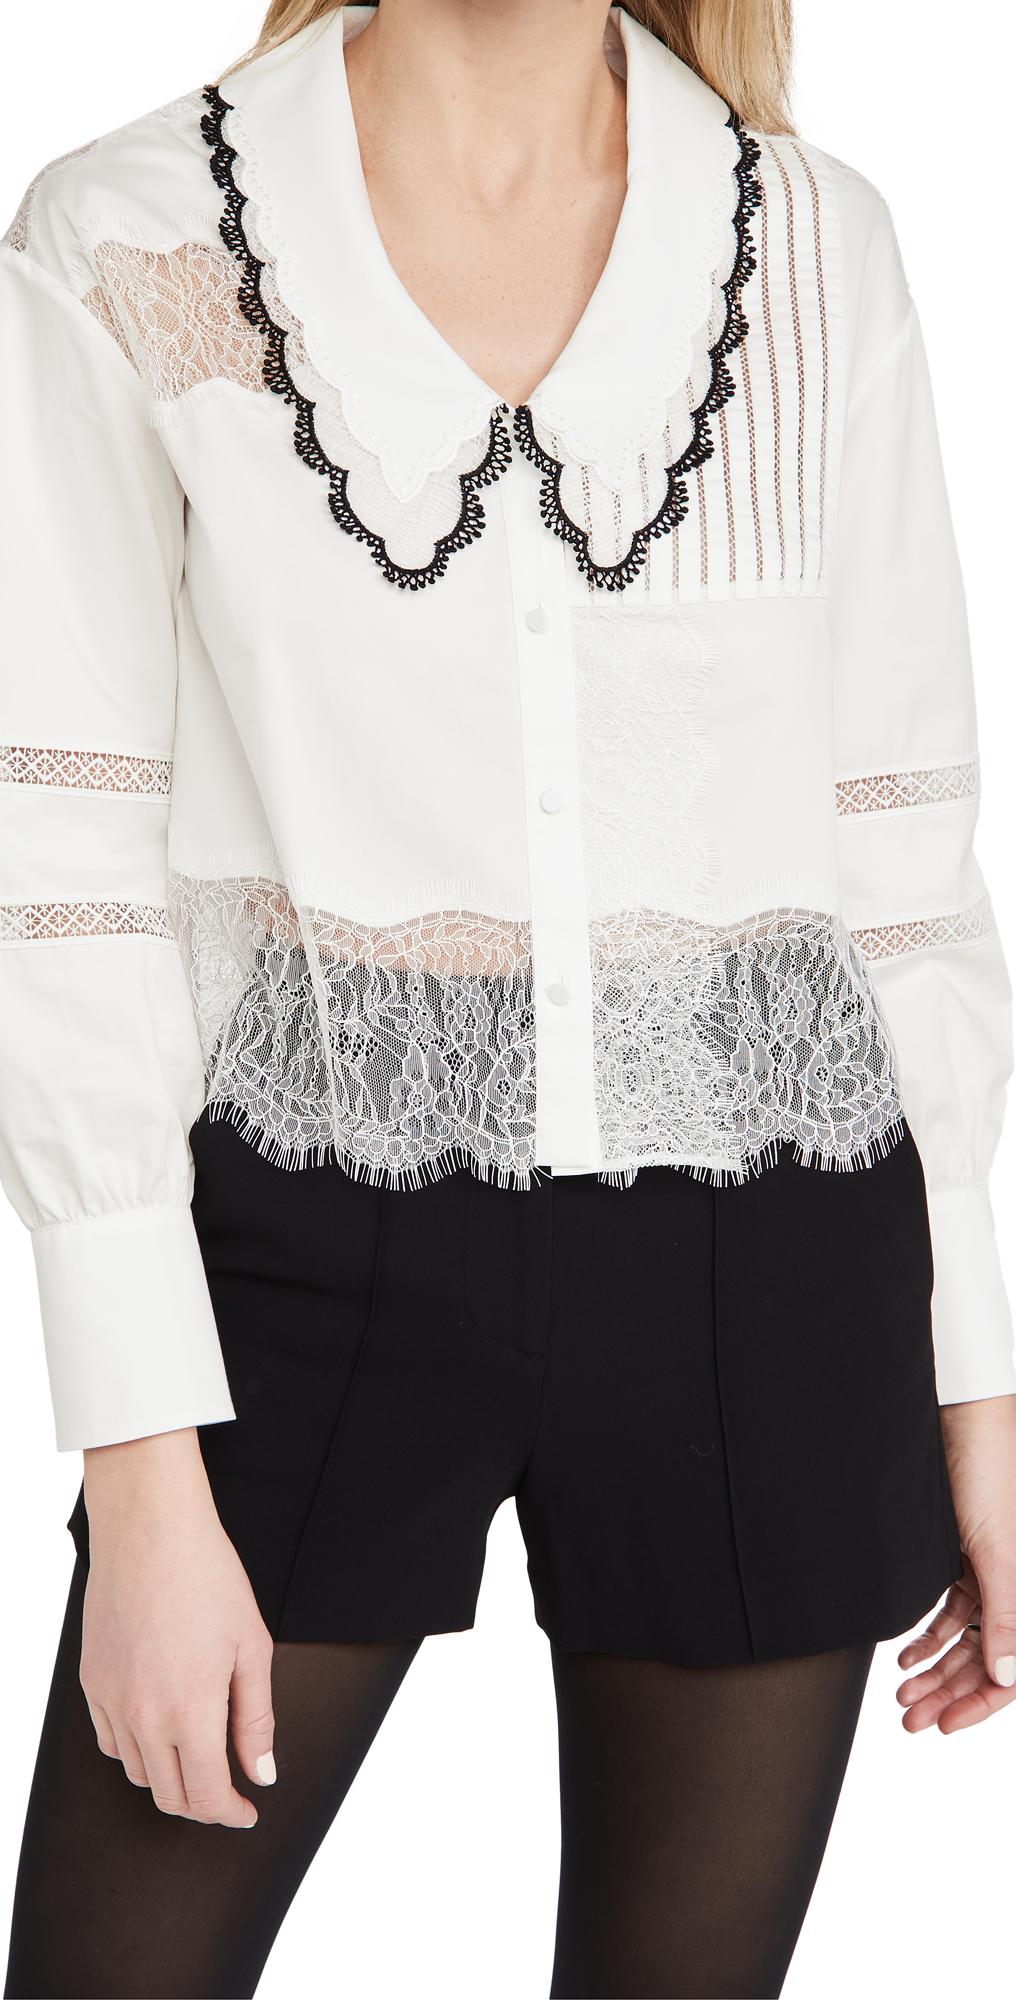 Self Portrait Cotton Trimmed Shirt